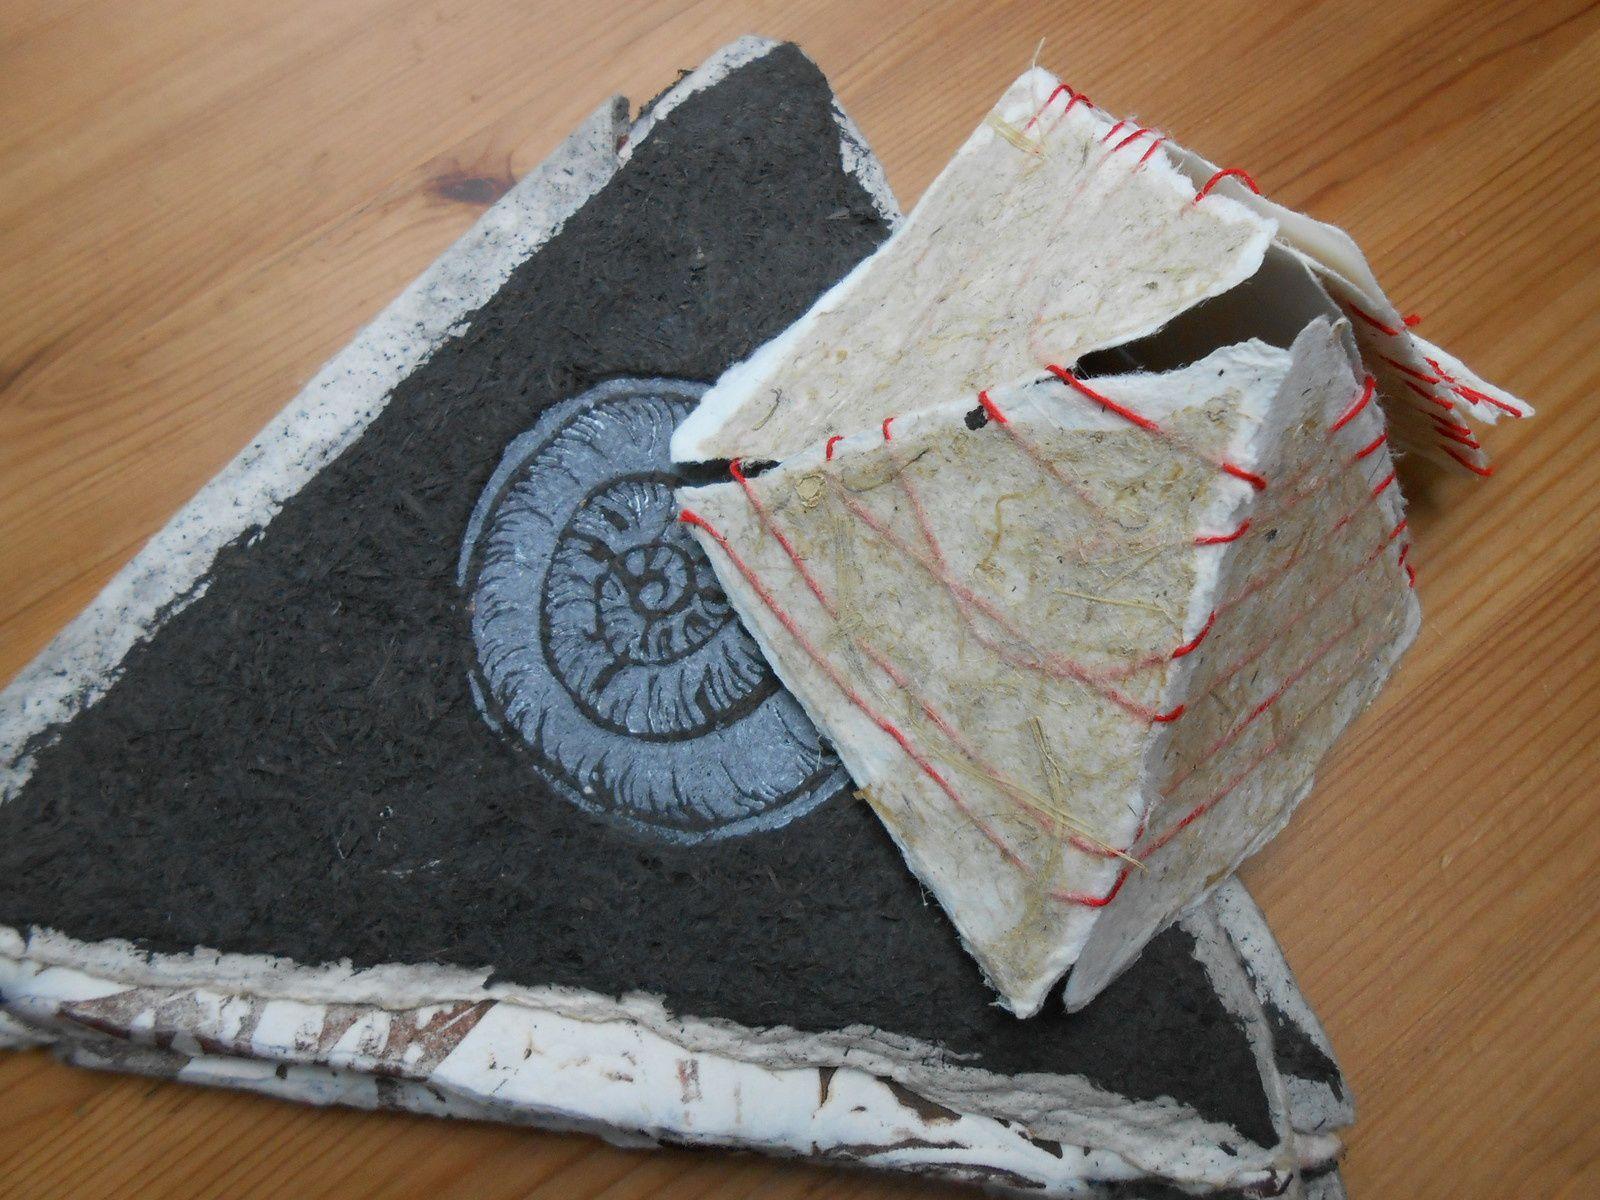 petit format cette fois avec des papiers végétaux , en devenir pour la gravure!